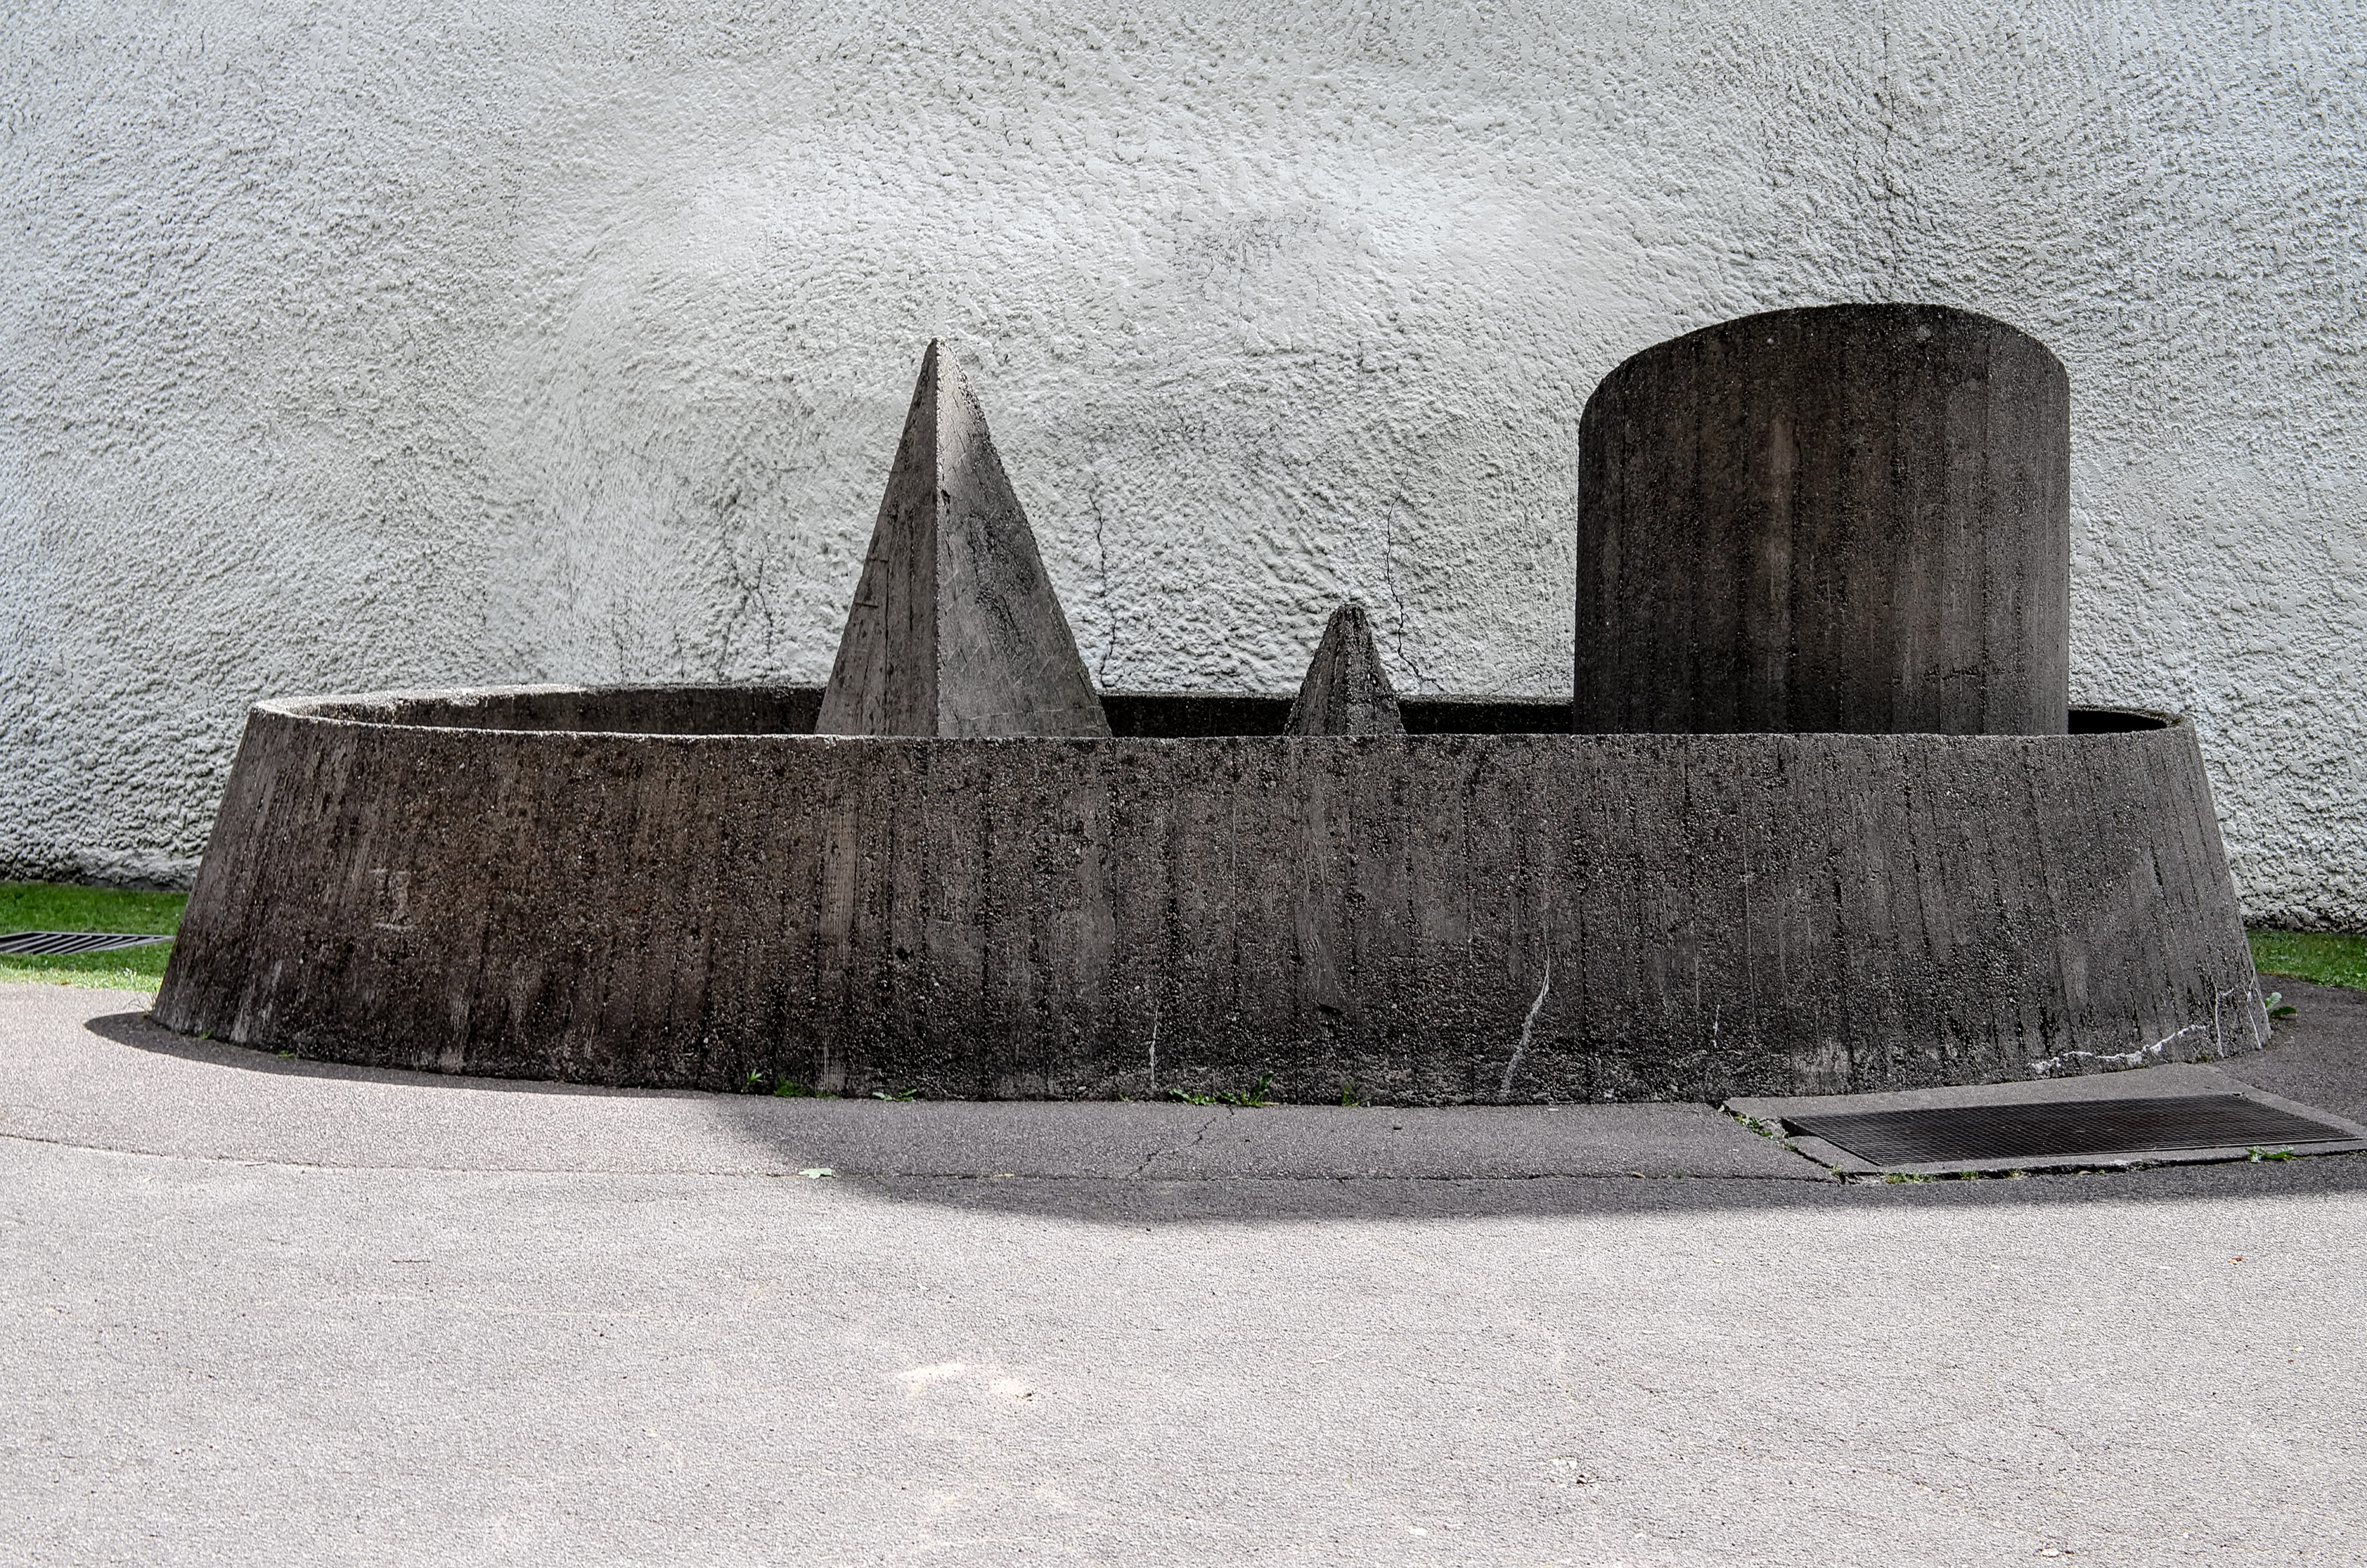 Brunnenskulptur von Le Corbusier